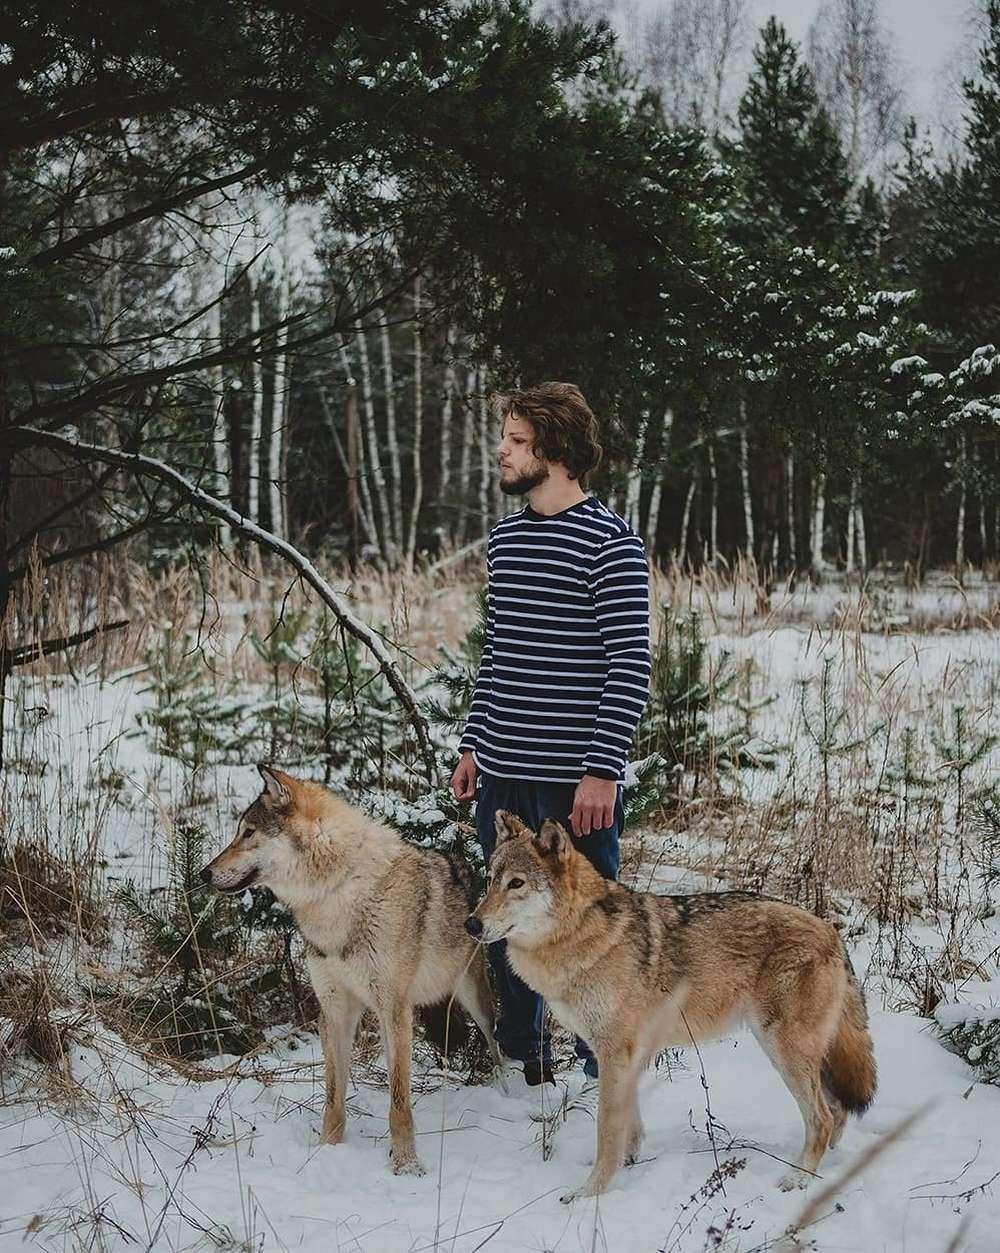 Сказочные кадры с дикими животными от Ольги Баранцевой